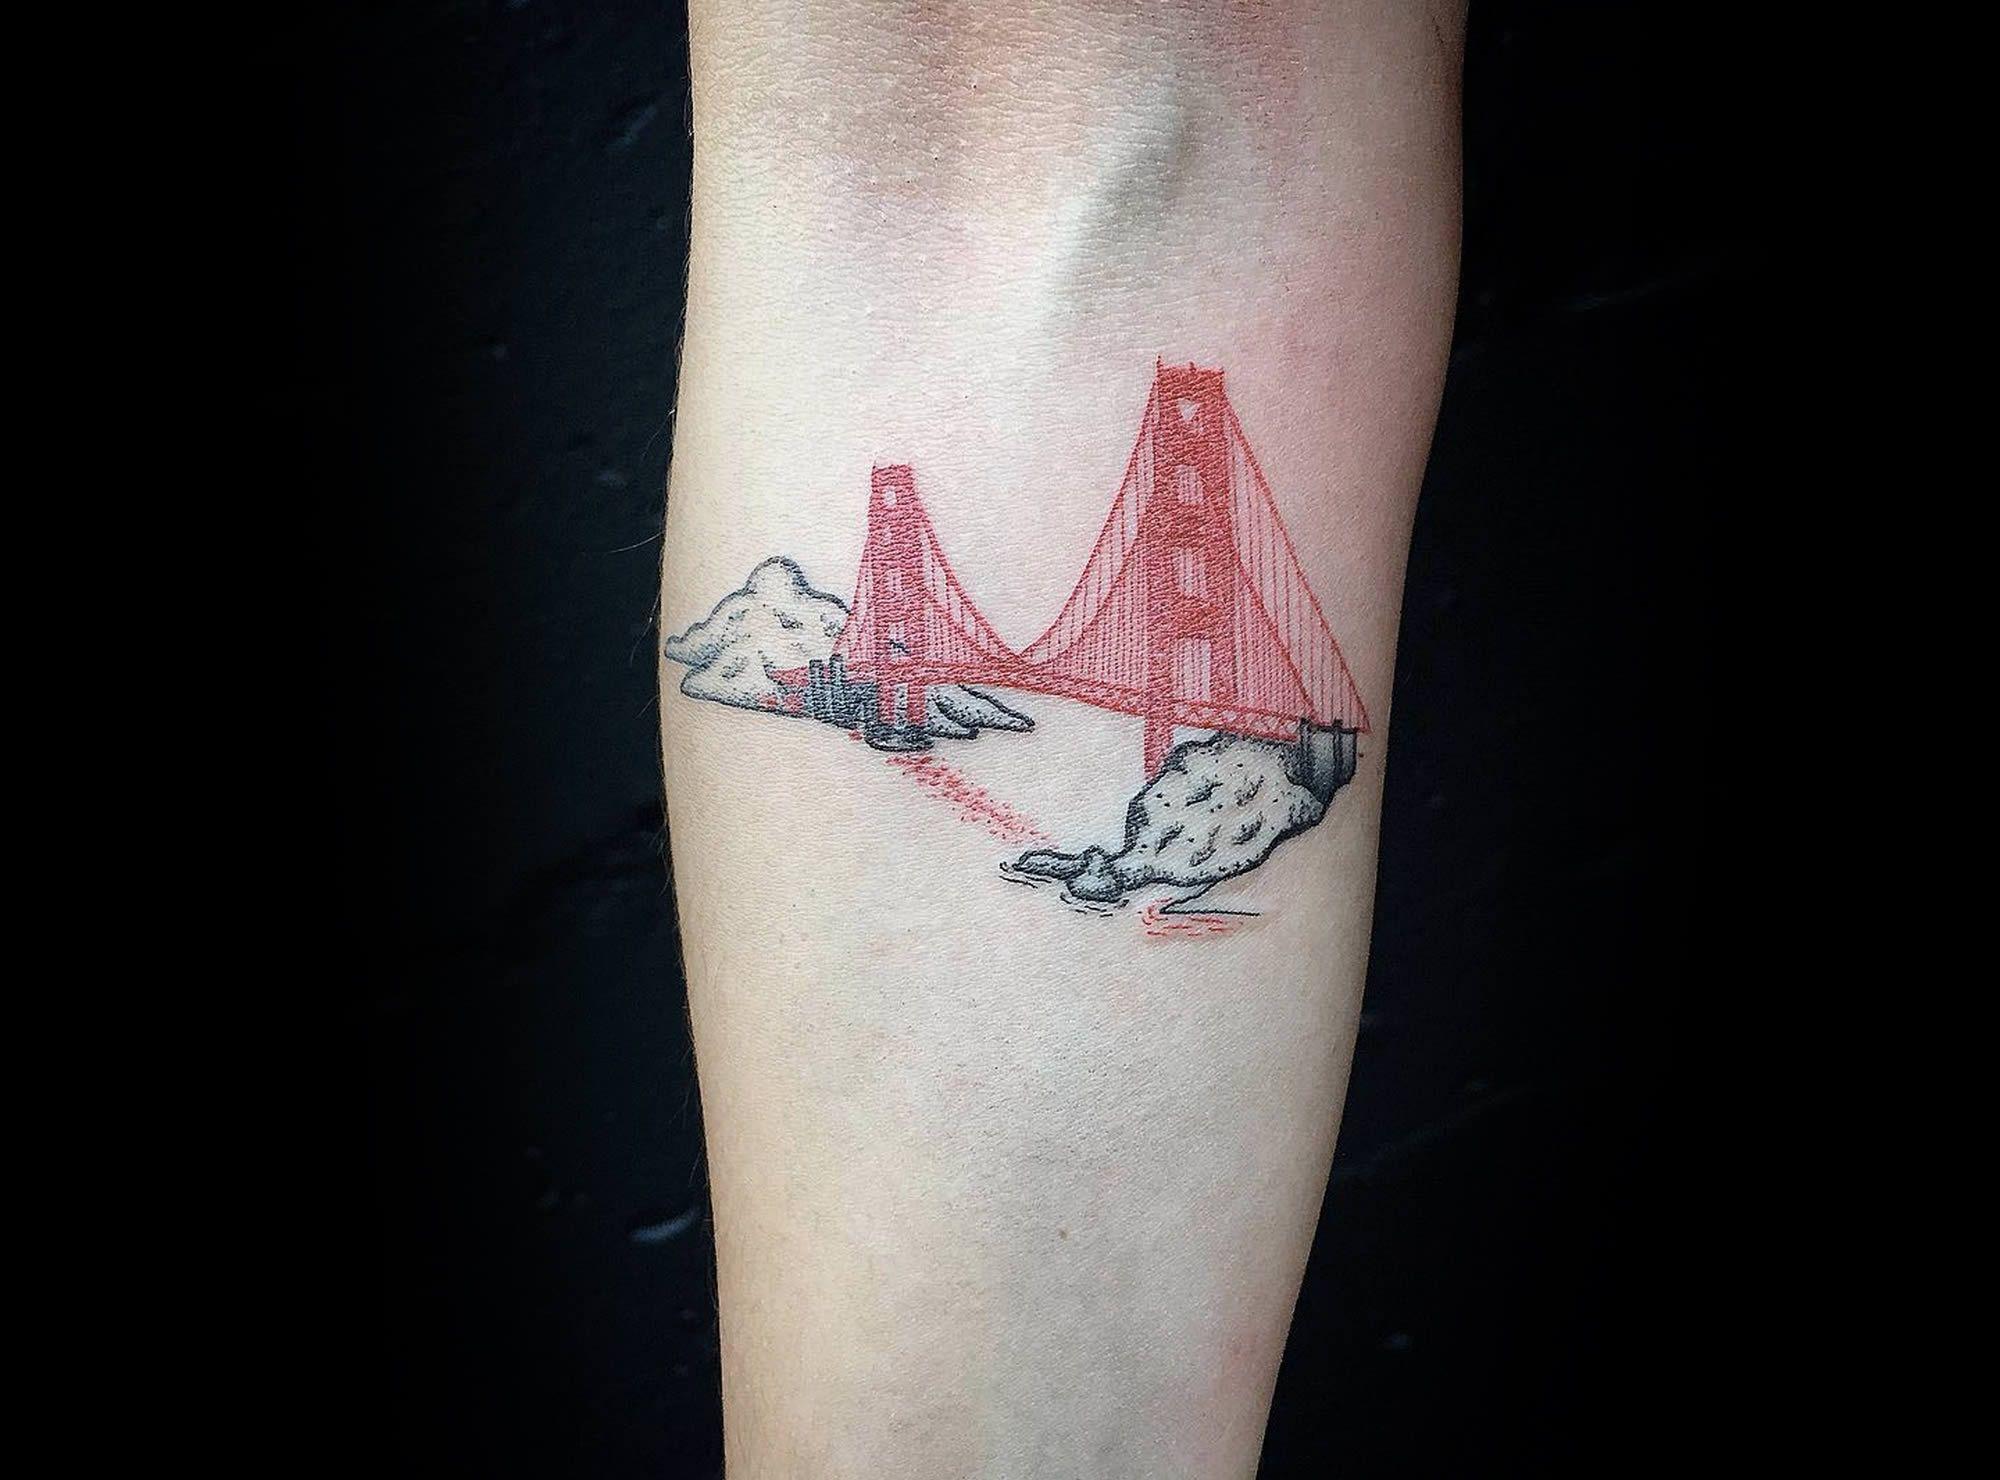 Single Needle Tattoos Single Needle Tattoo Bridge Tattoo Tattoos